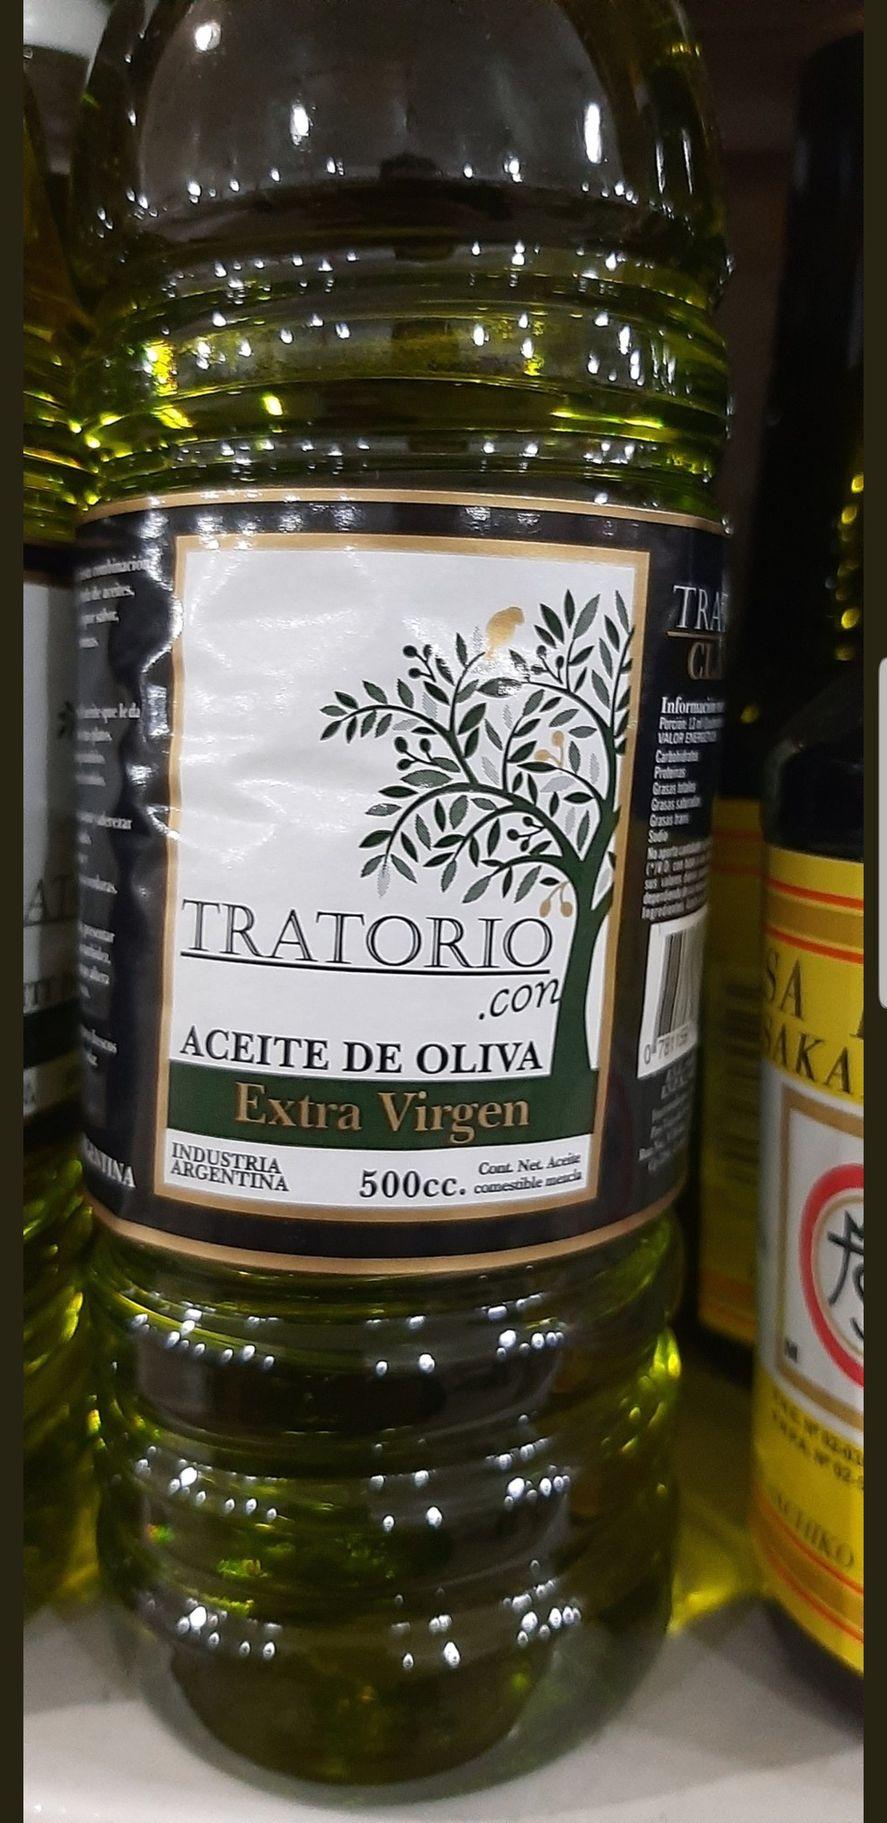 La etiqueta del producto parece ofrecer aceite de oliva extra virgen pero la palabra